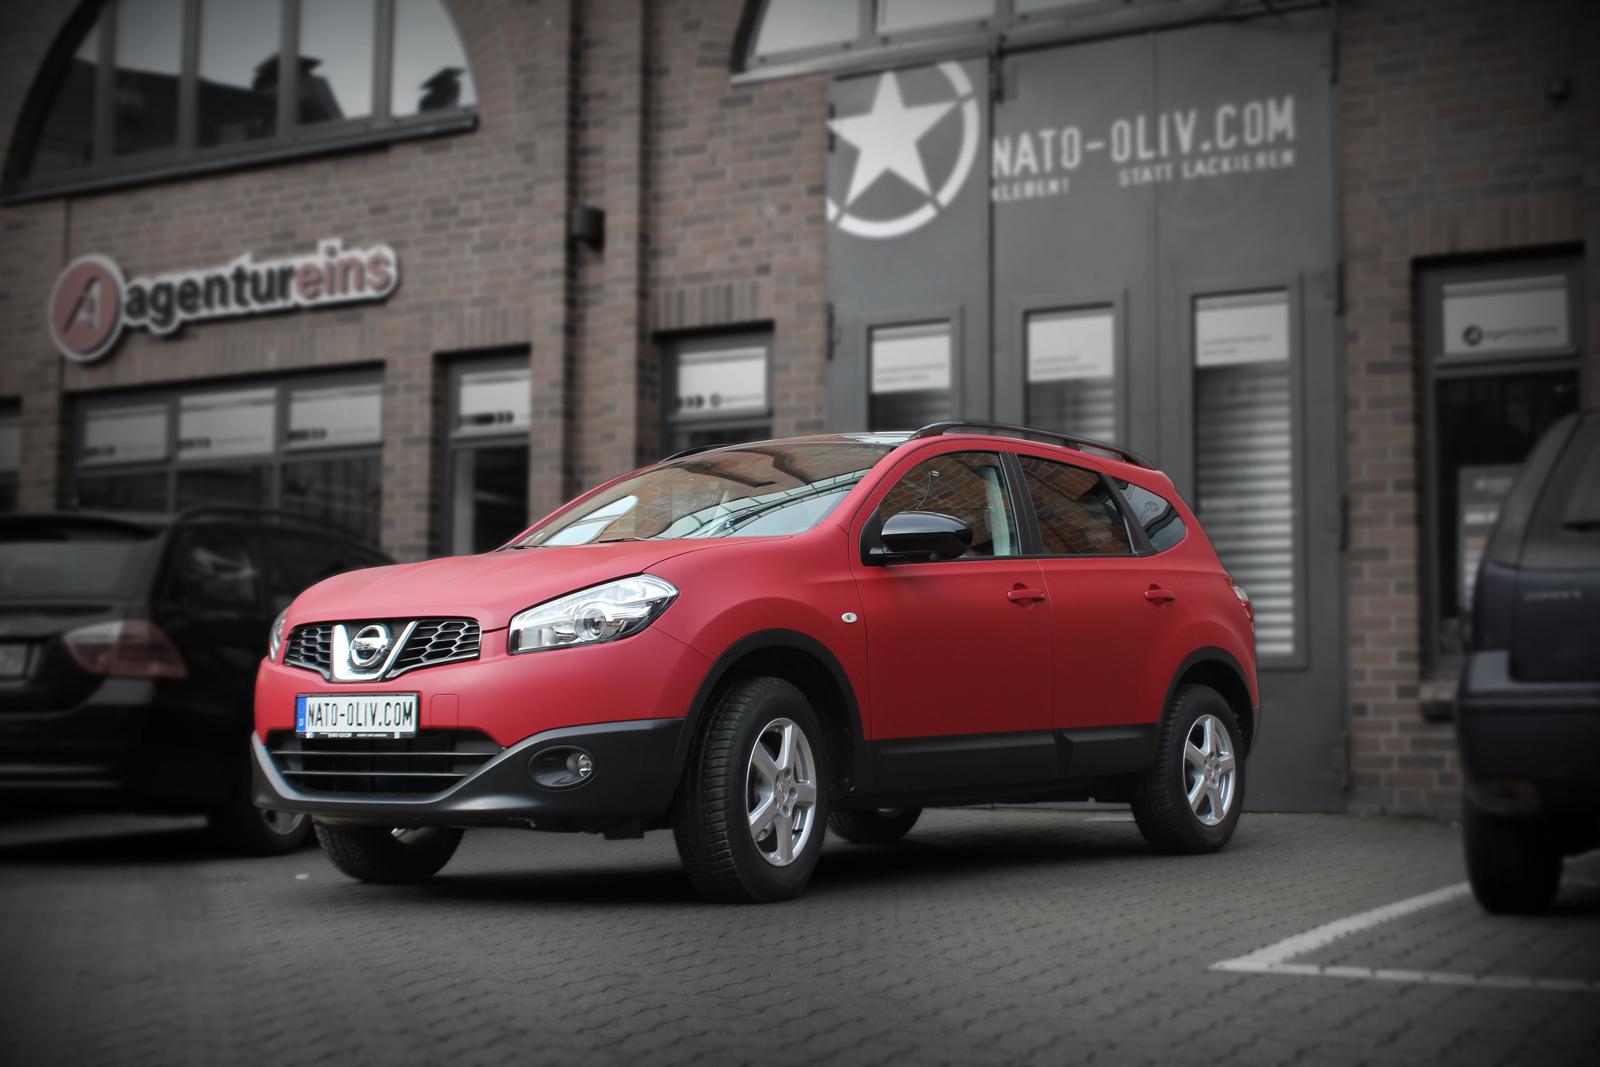 schraege Frontalansicht des Nissan Qashqai mit Garnet Red metallic matt Folie beklebt